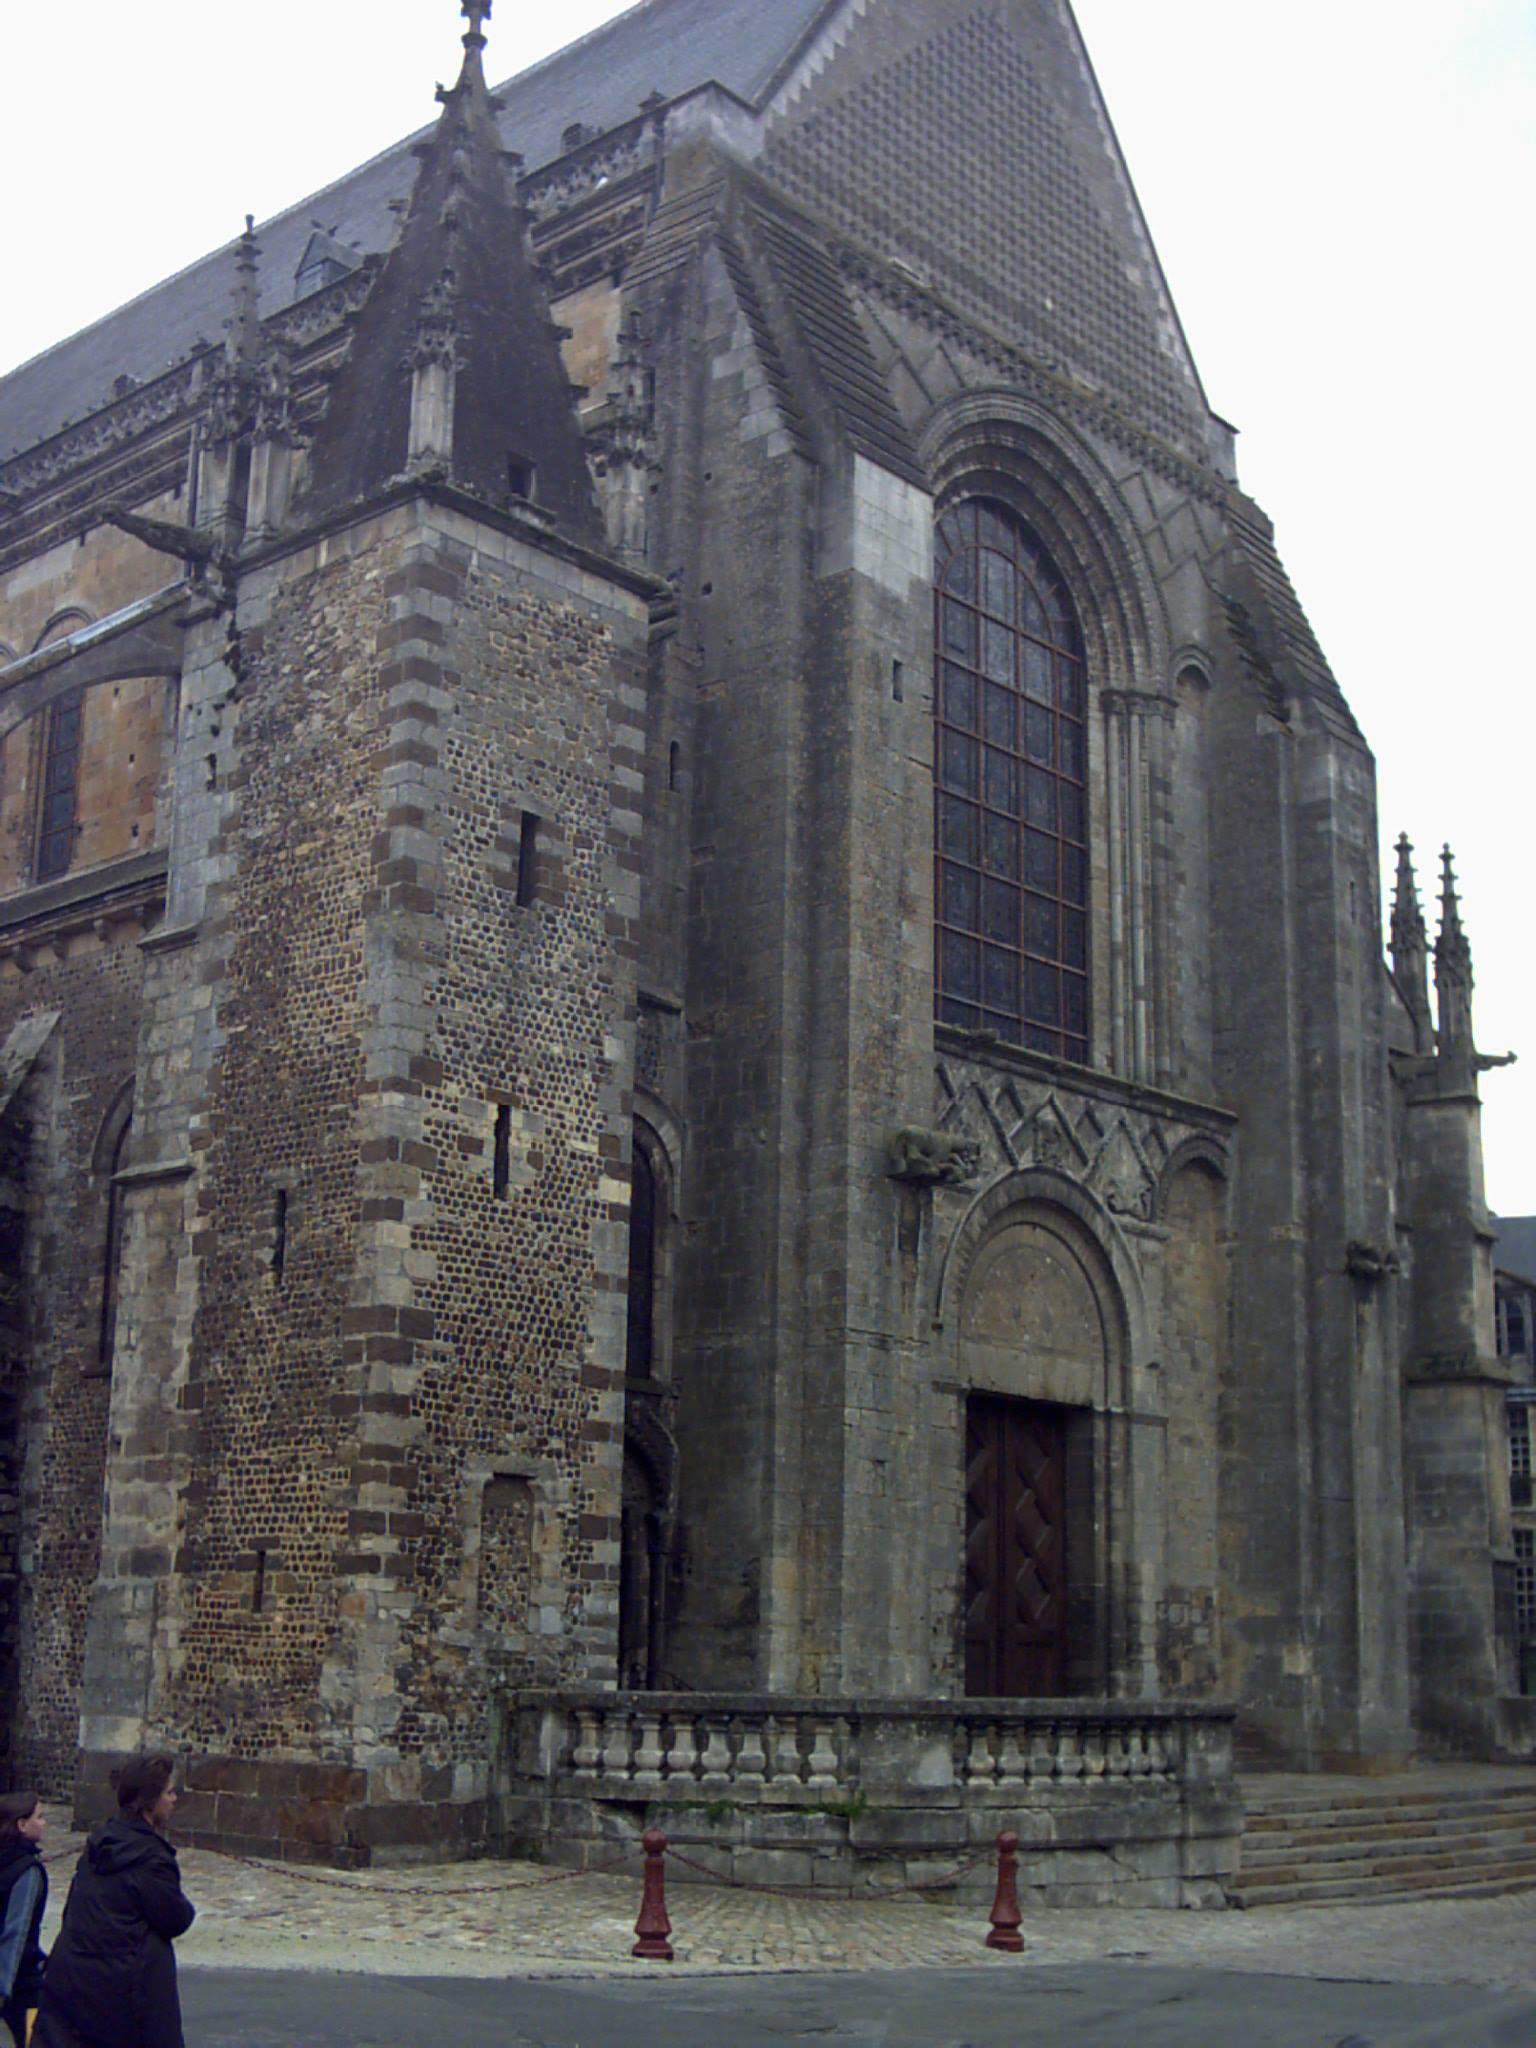 Le Mans en 2004 - Cathédrale Saint Julien 09